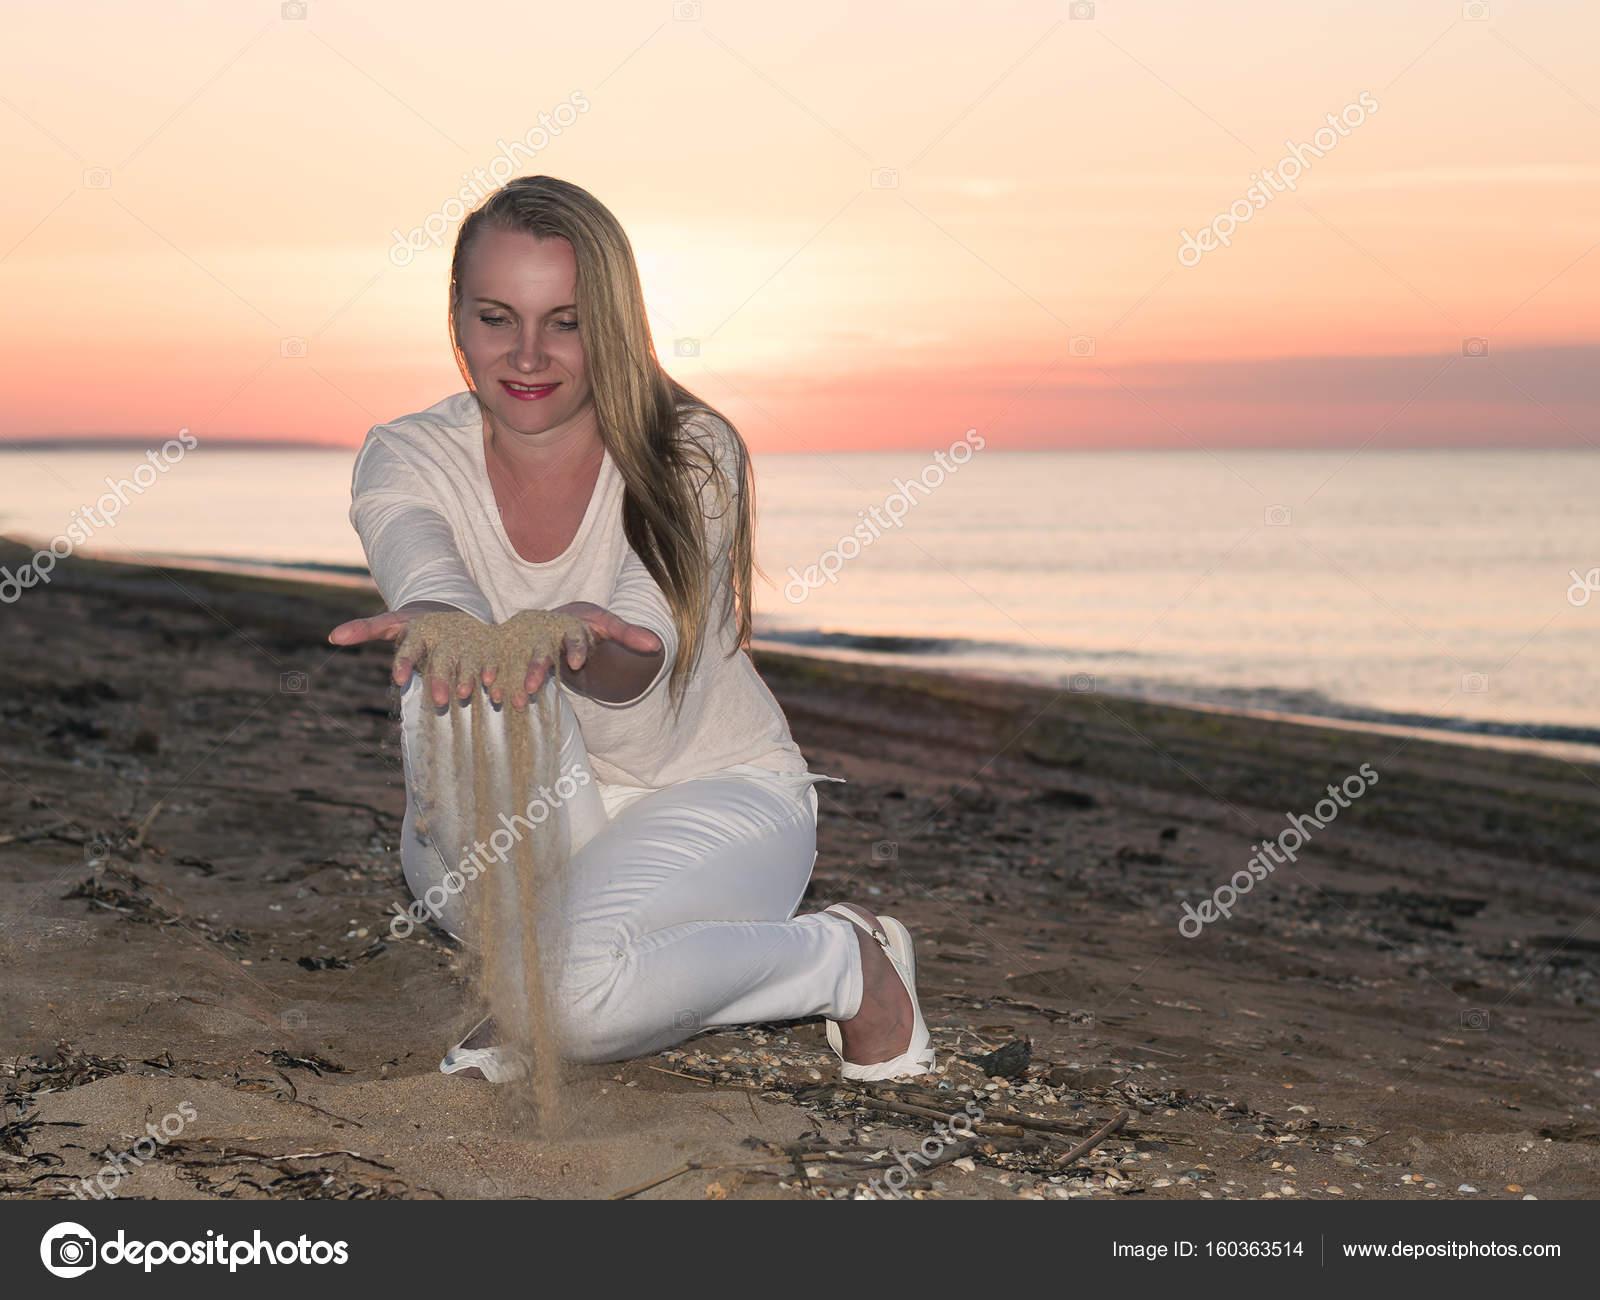 25d92927aeba Donna in vestito bianco gioca con la sabbia al tramonto. Paesaggio di  tramonto in riva al mare con una donna — Foto di ...